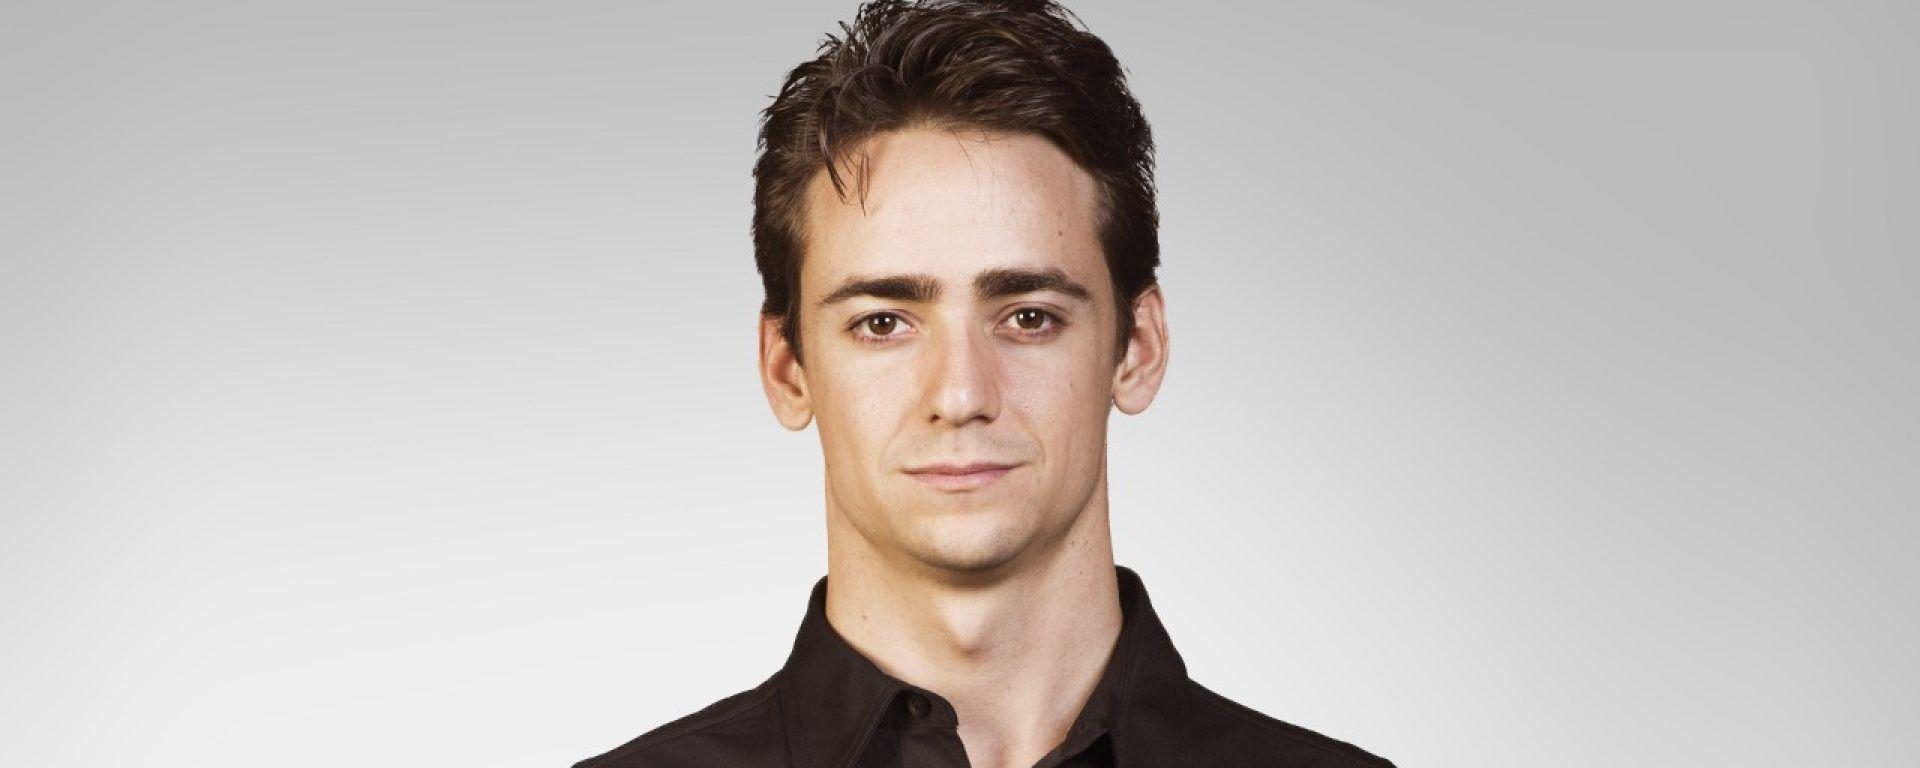 Esteban Gutierrez #21